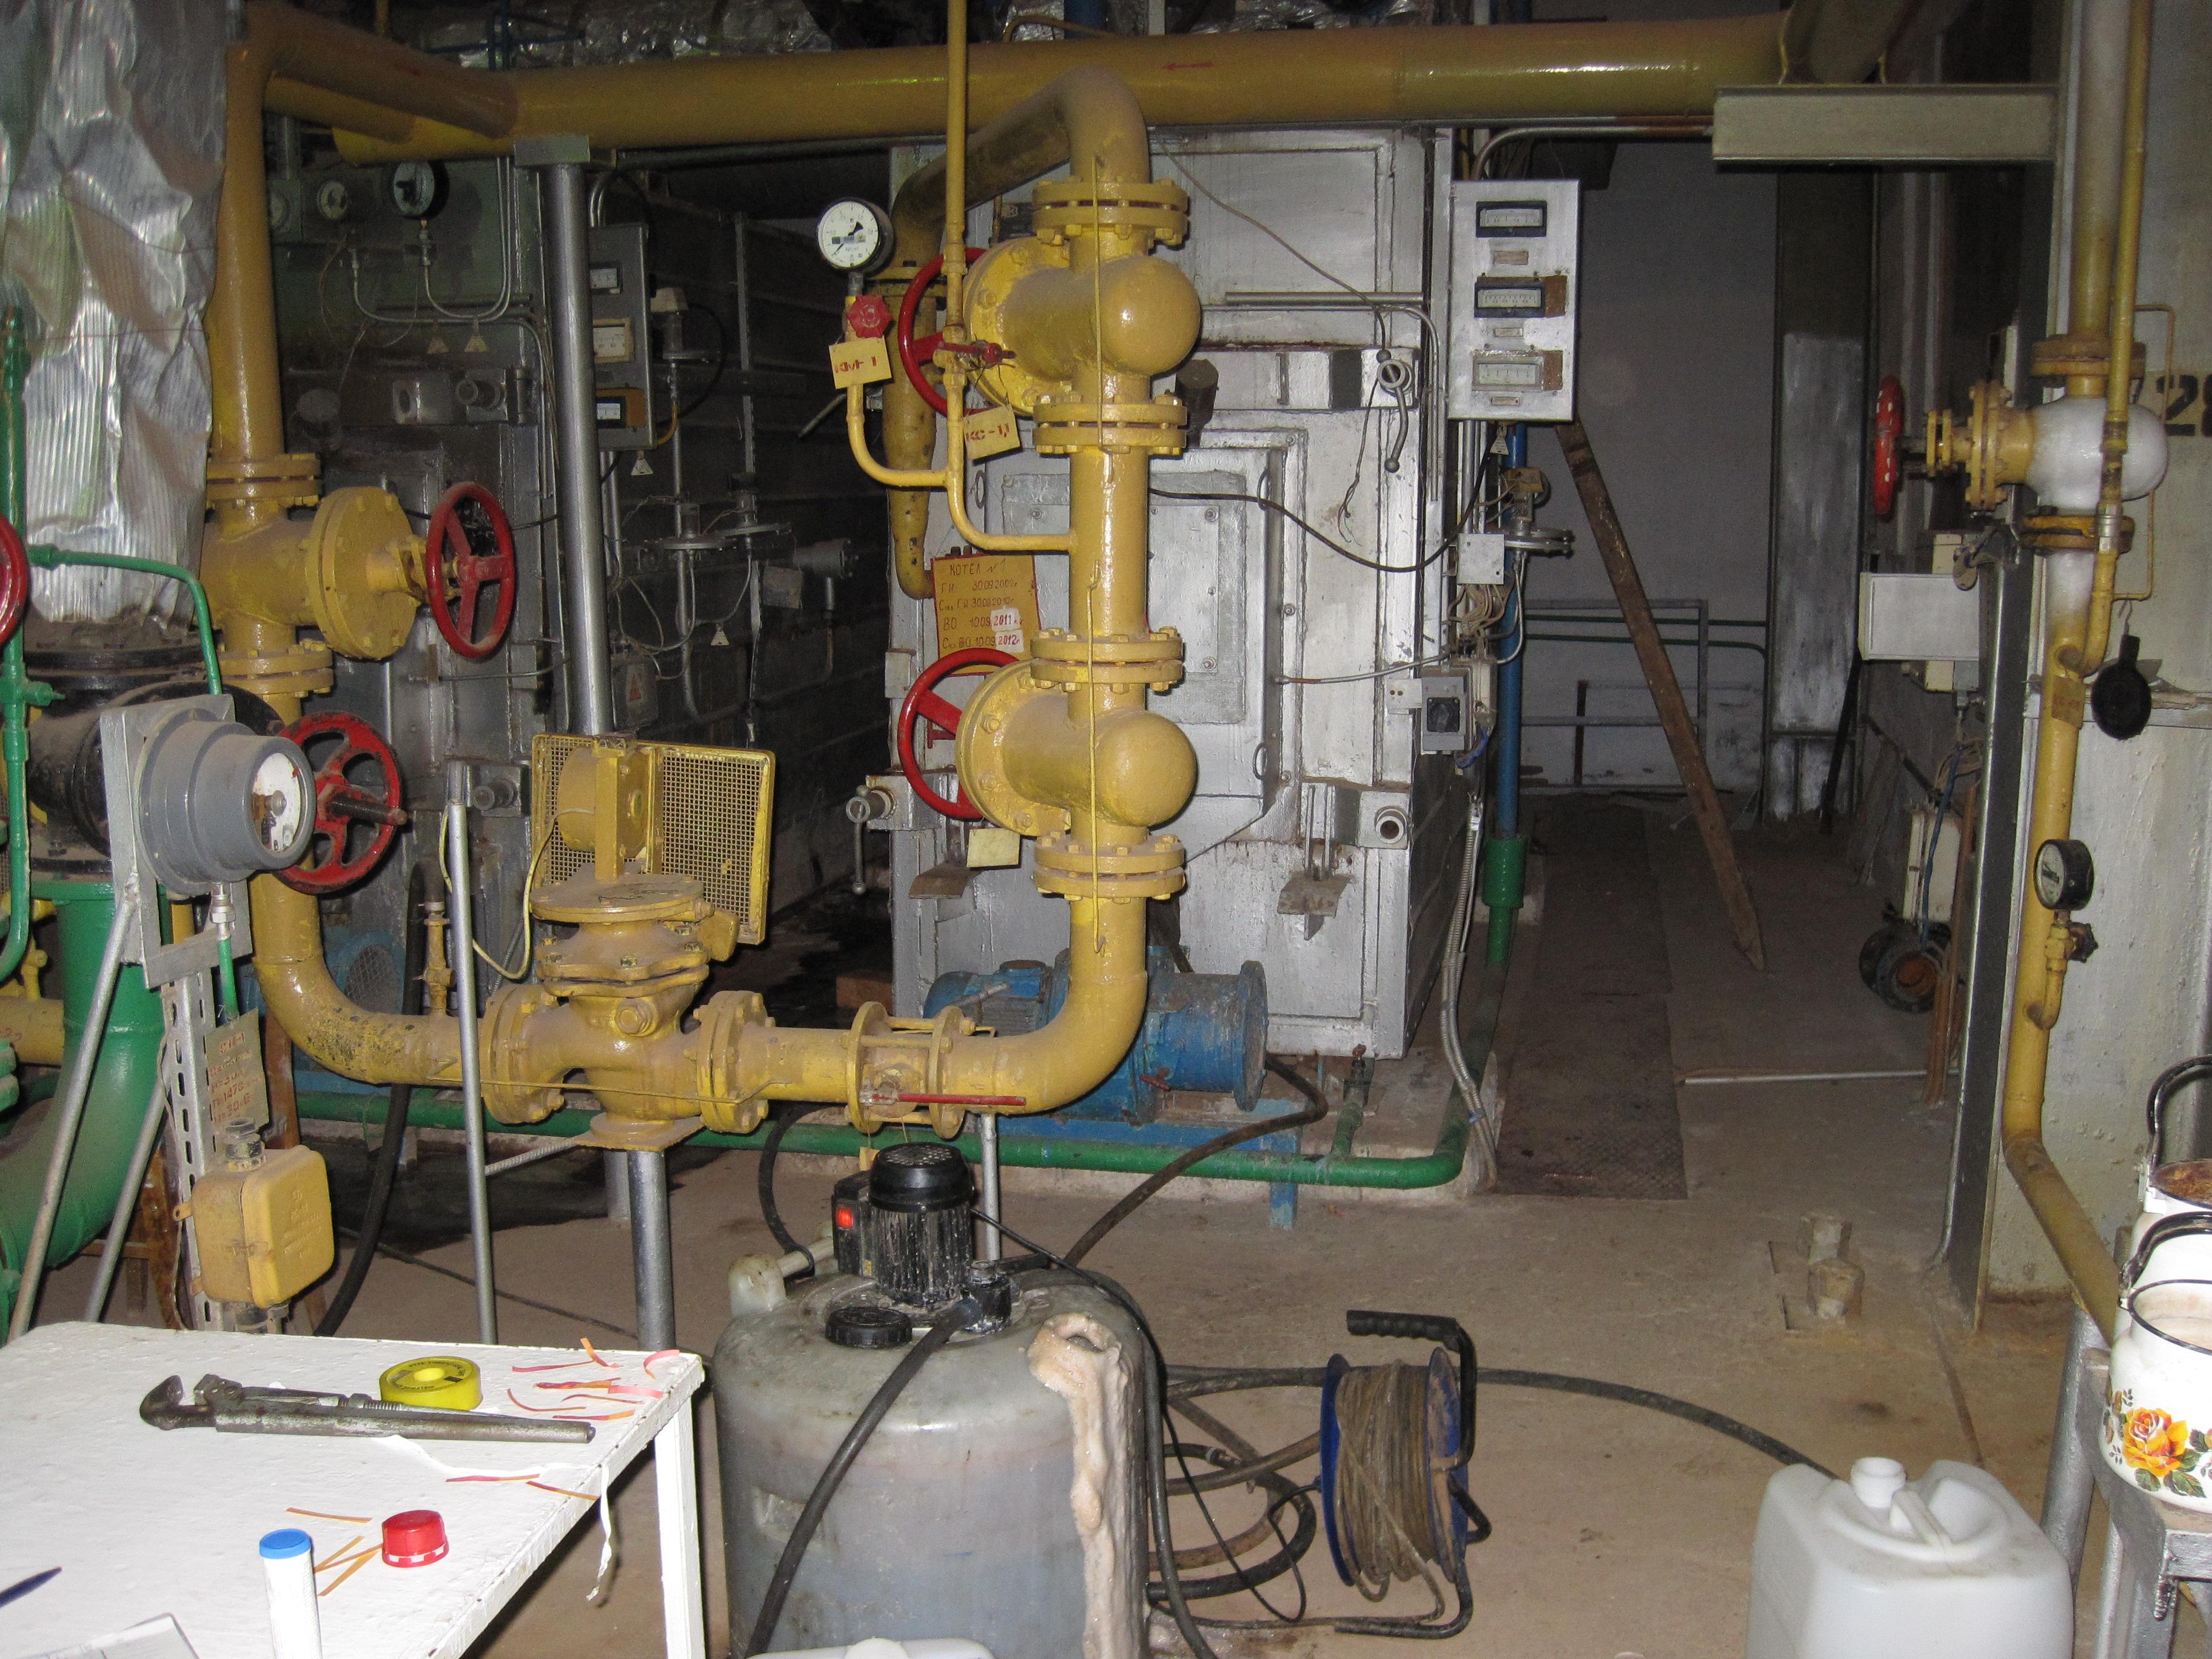 Промывка теплообменника газового котла: самая подробная инструкция по чистке своими руками, выбору жидкостей и прочих срдств для очистки от накипи, стоимость оборудования и услуг специалистов